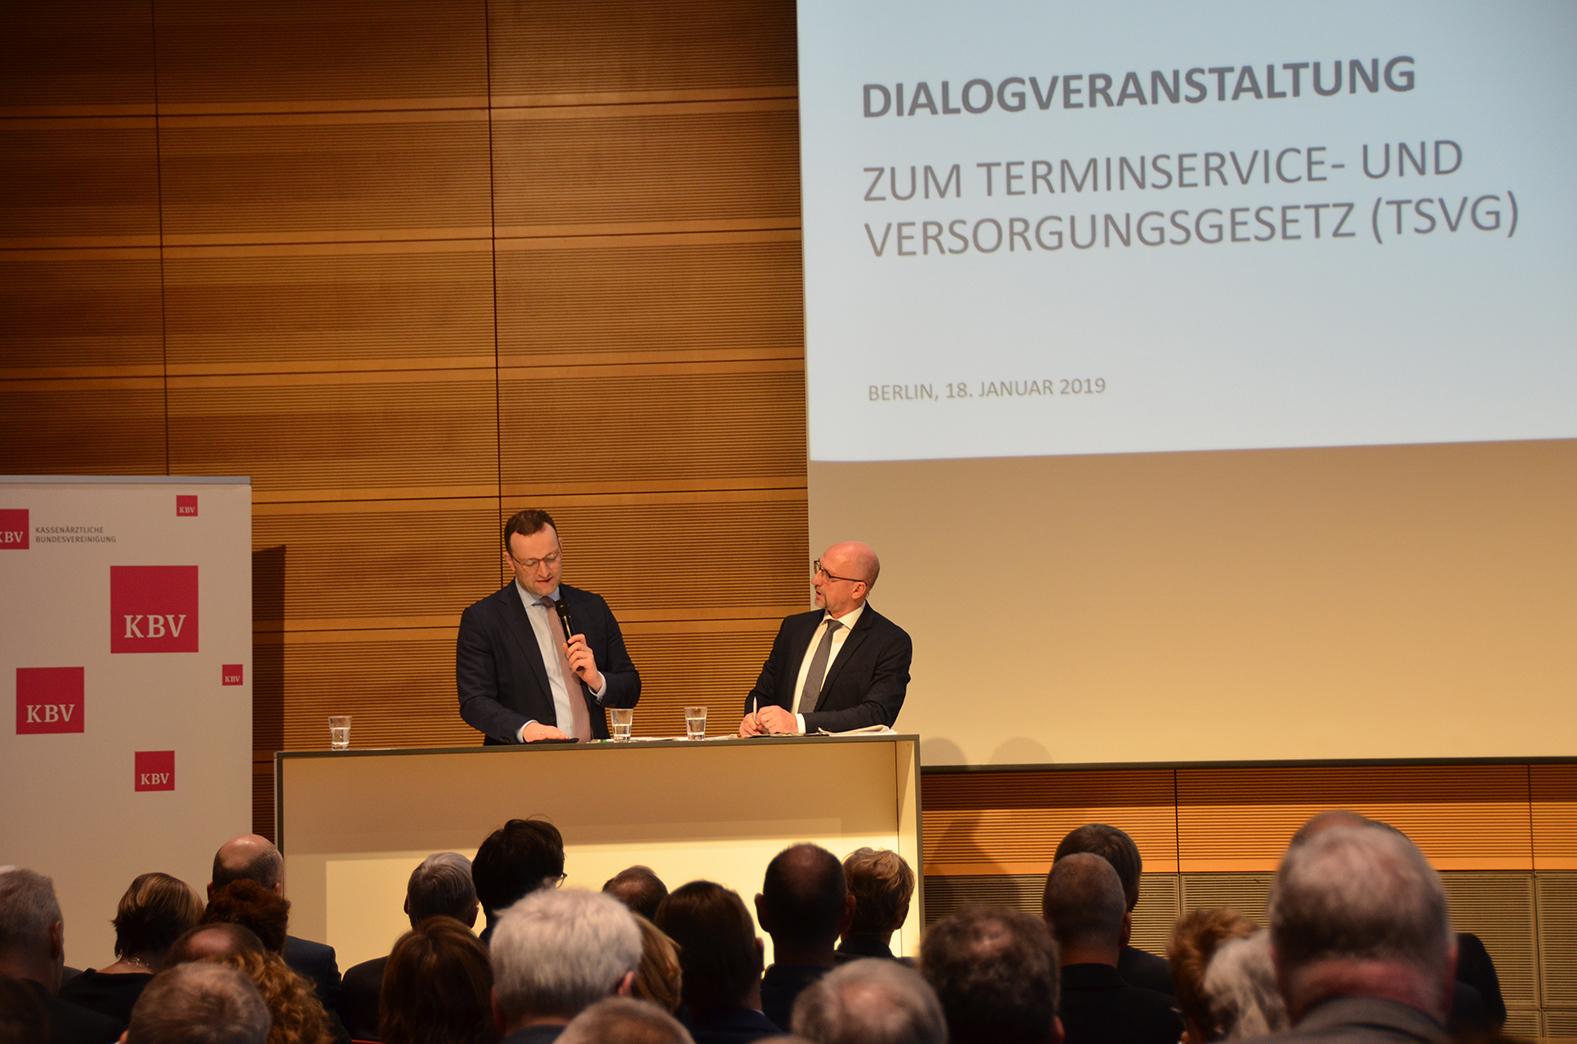 Der Chefredakteur der Ärztezeitung, Wolfgang van den Bergh, leitete die Diskussion der Dialogveranstaltung. Bundesgesundheitsminister Jens Spahn stellte sich den Fragen aus der Ärzteschaft. ©KBV/Tabea Breidenbach